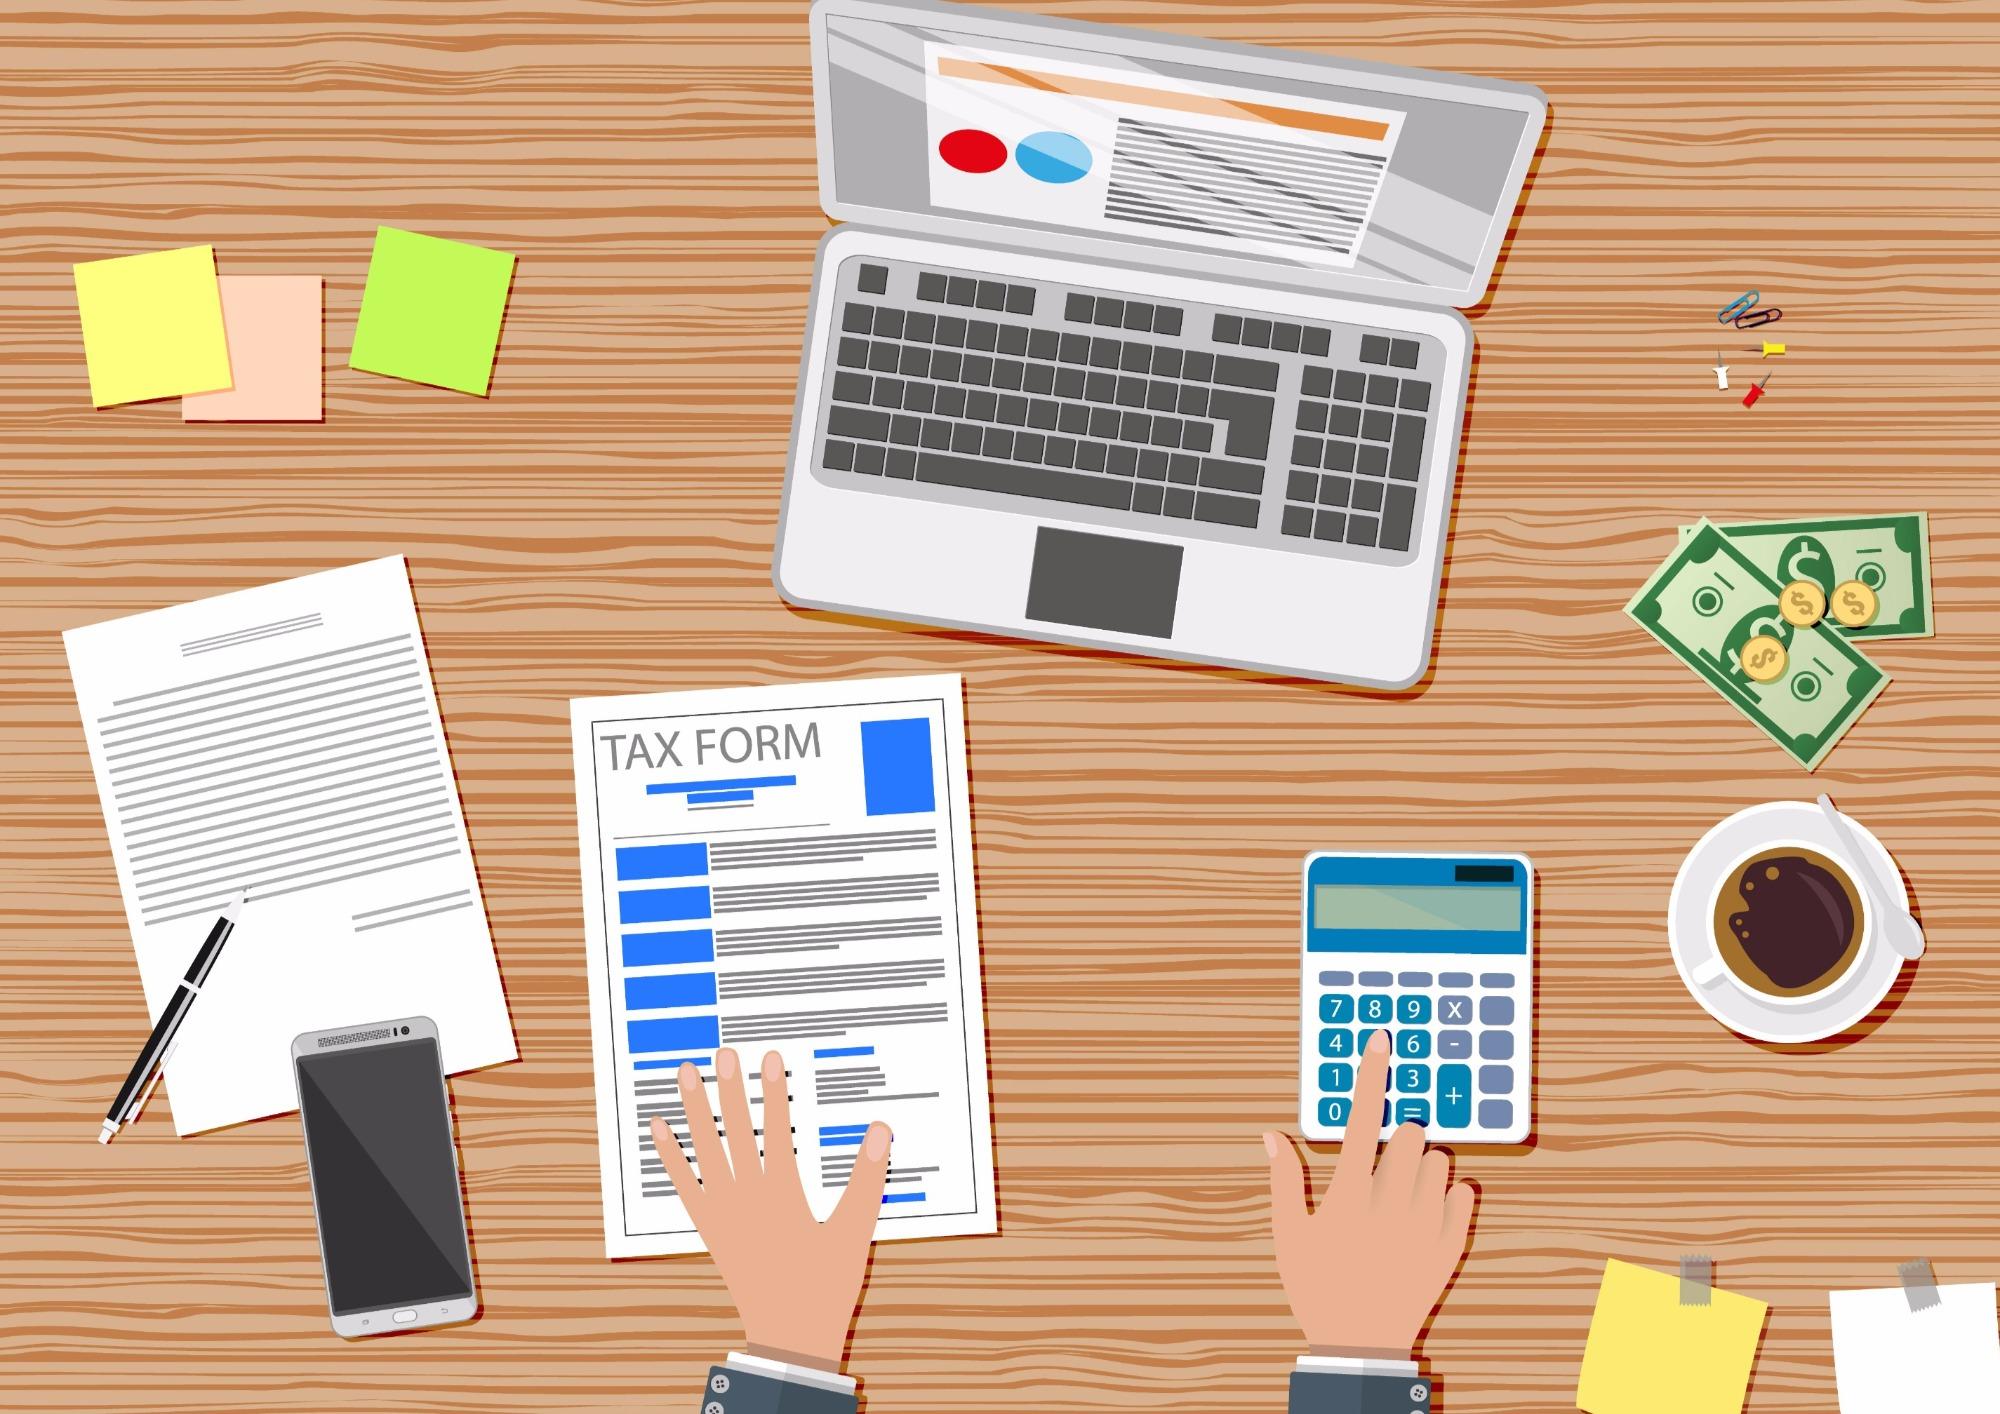 Nota fiscal de produto ou serviço